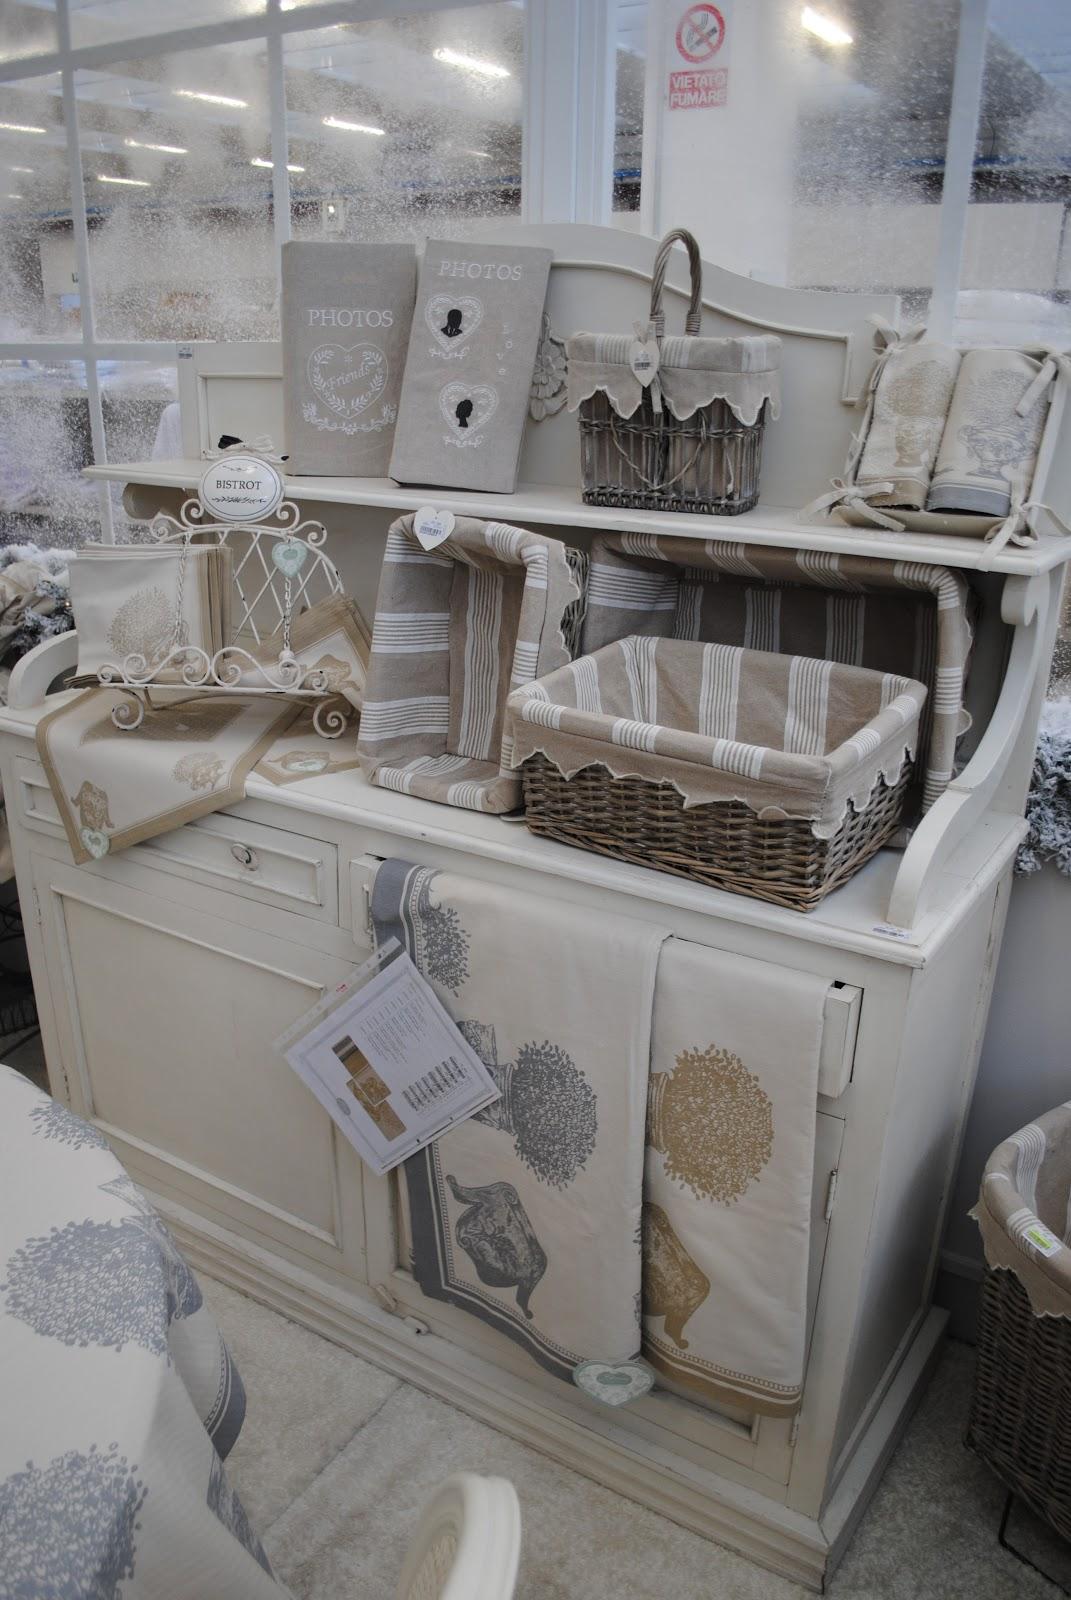 Ma maison con questo caldo blanc mar cl ci propone la nuova collezione invernale - Blanc mariclo mobili ...